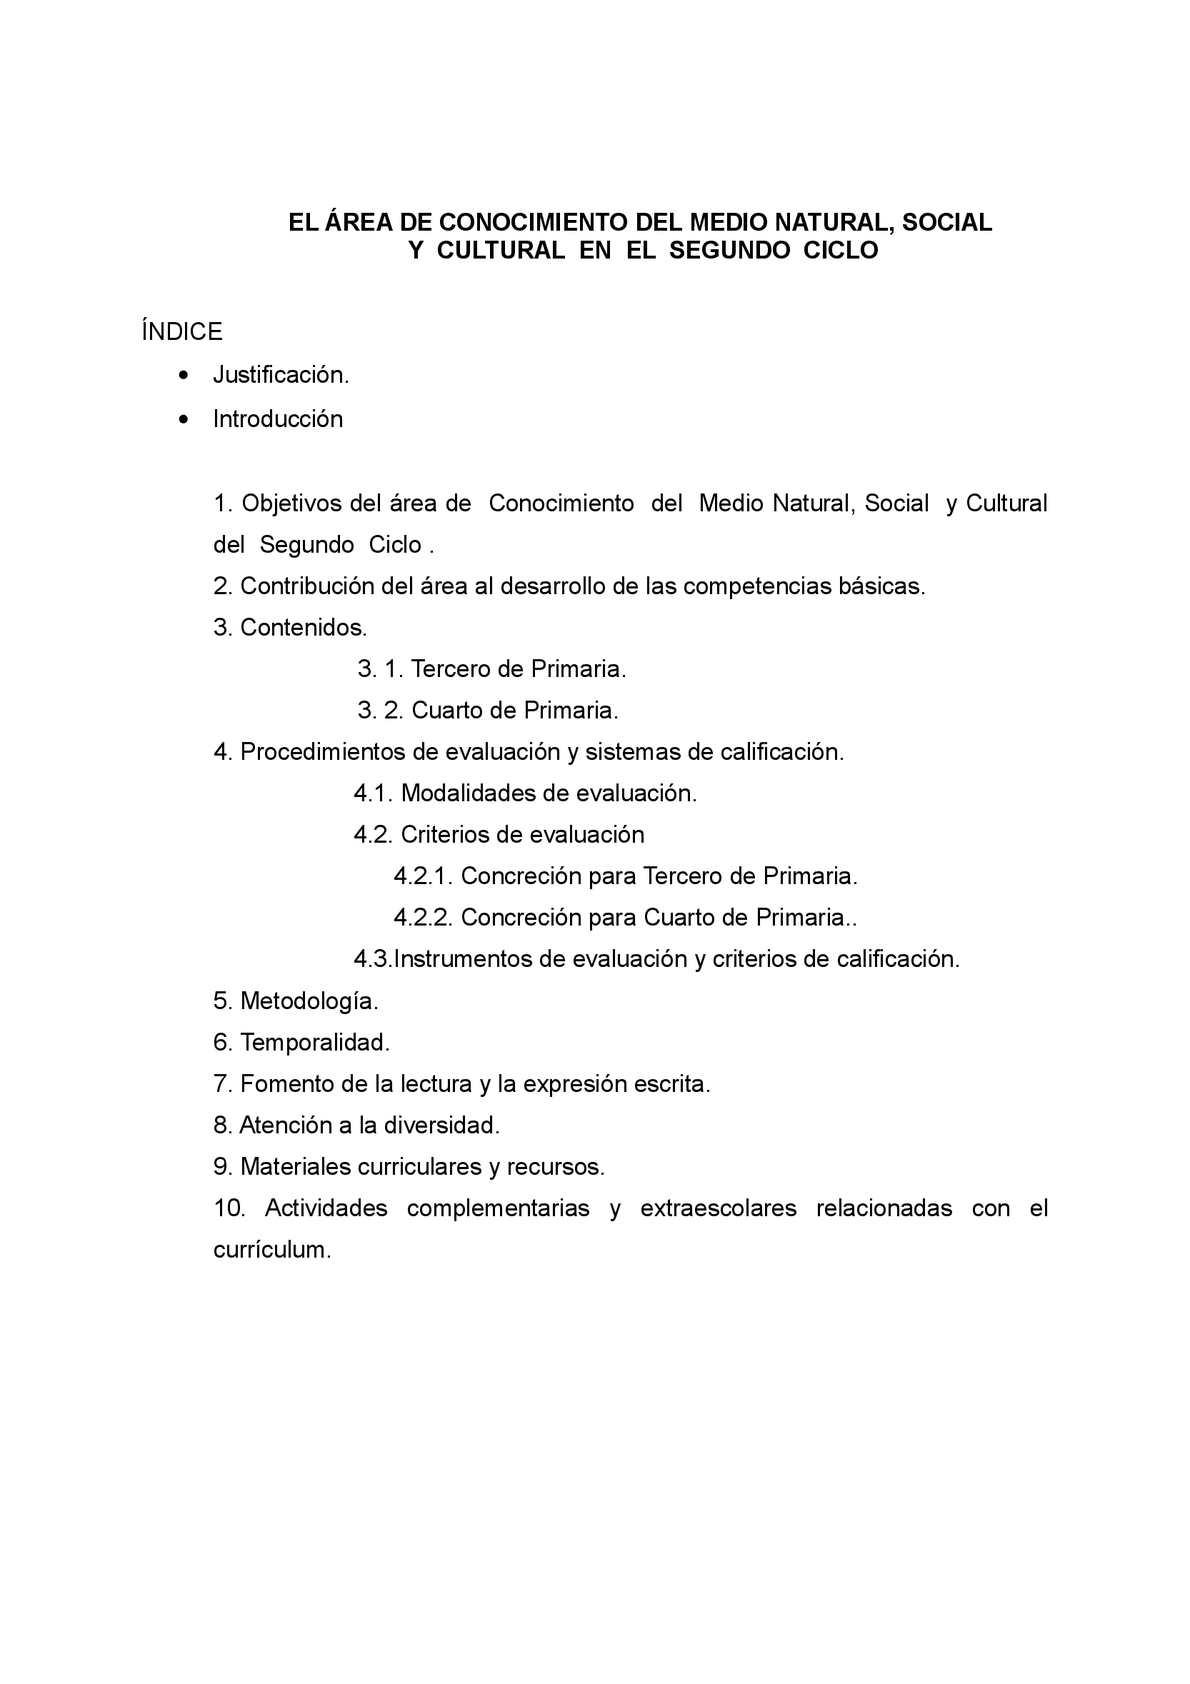 Calaméo - segundo-c-CONO-MEDIO-PROGRAMACIoN -2ºCICLO